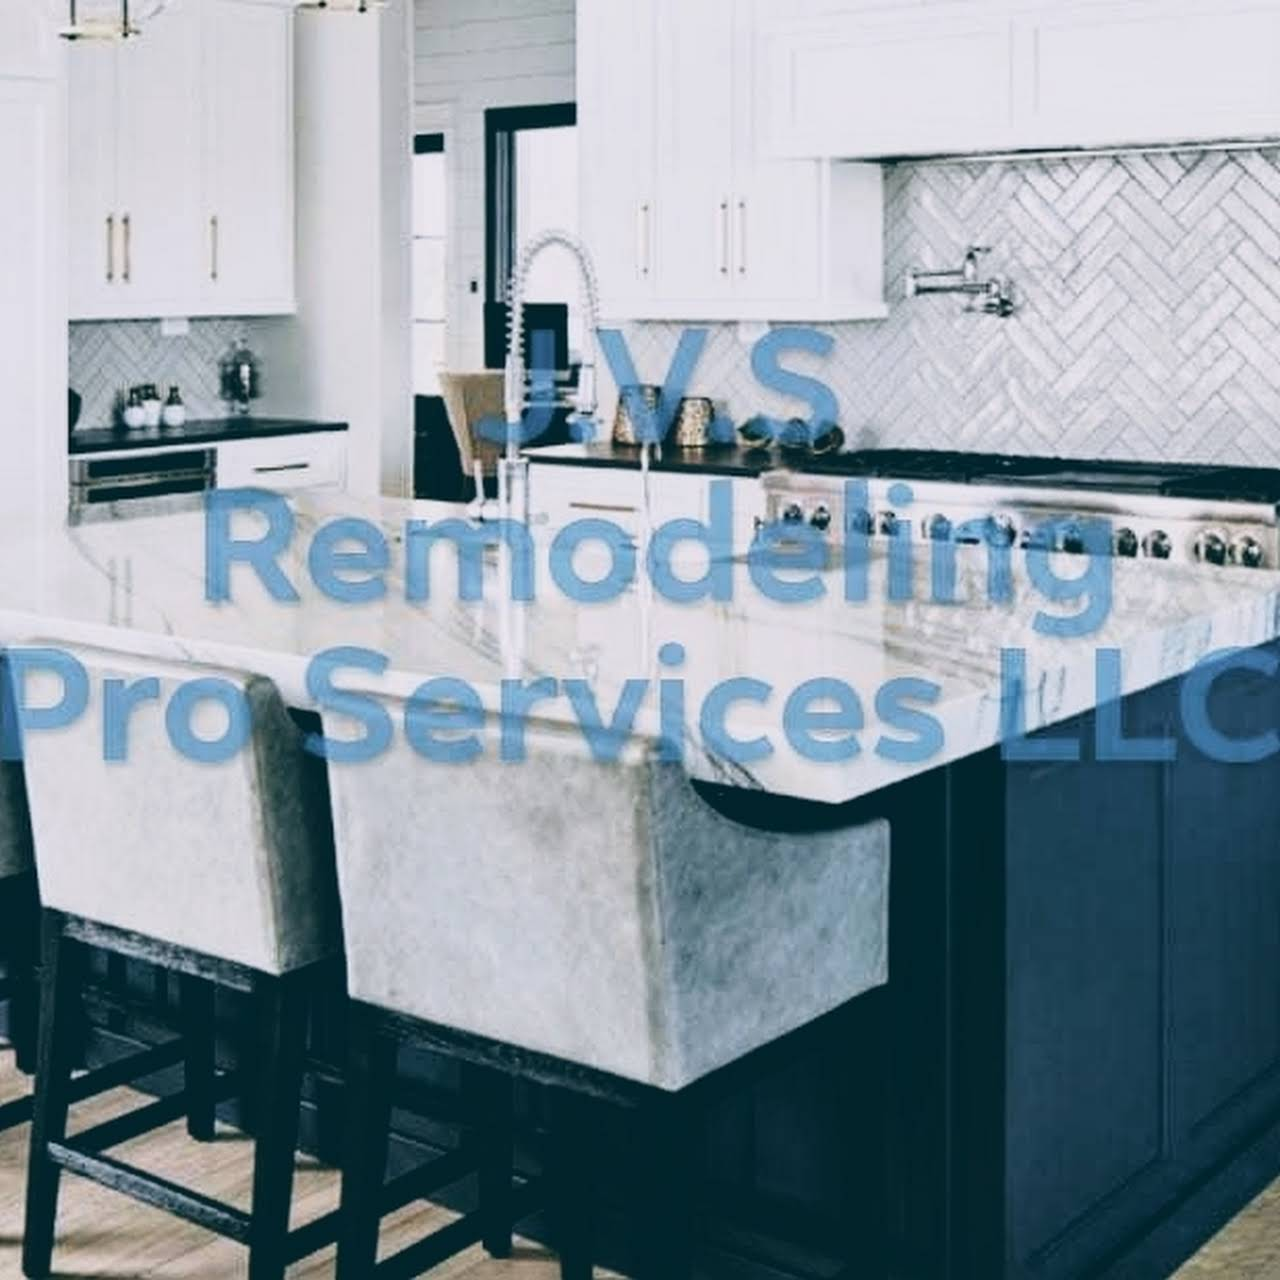 J V S Remodeling Pro Services Llc Remodeling Pro Services